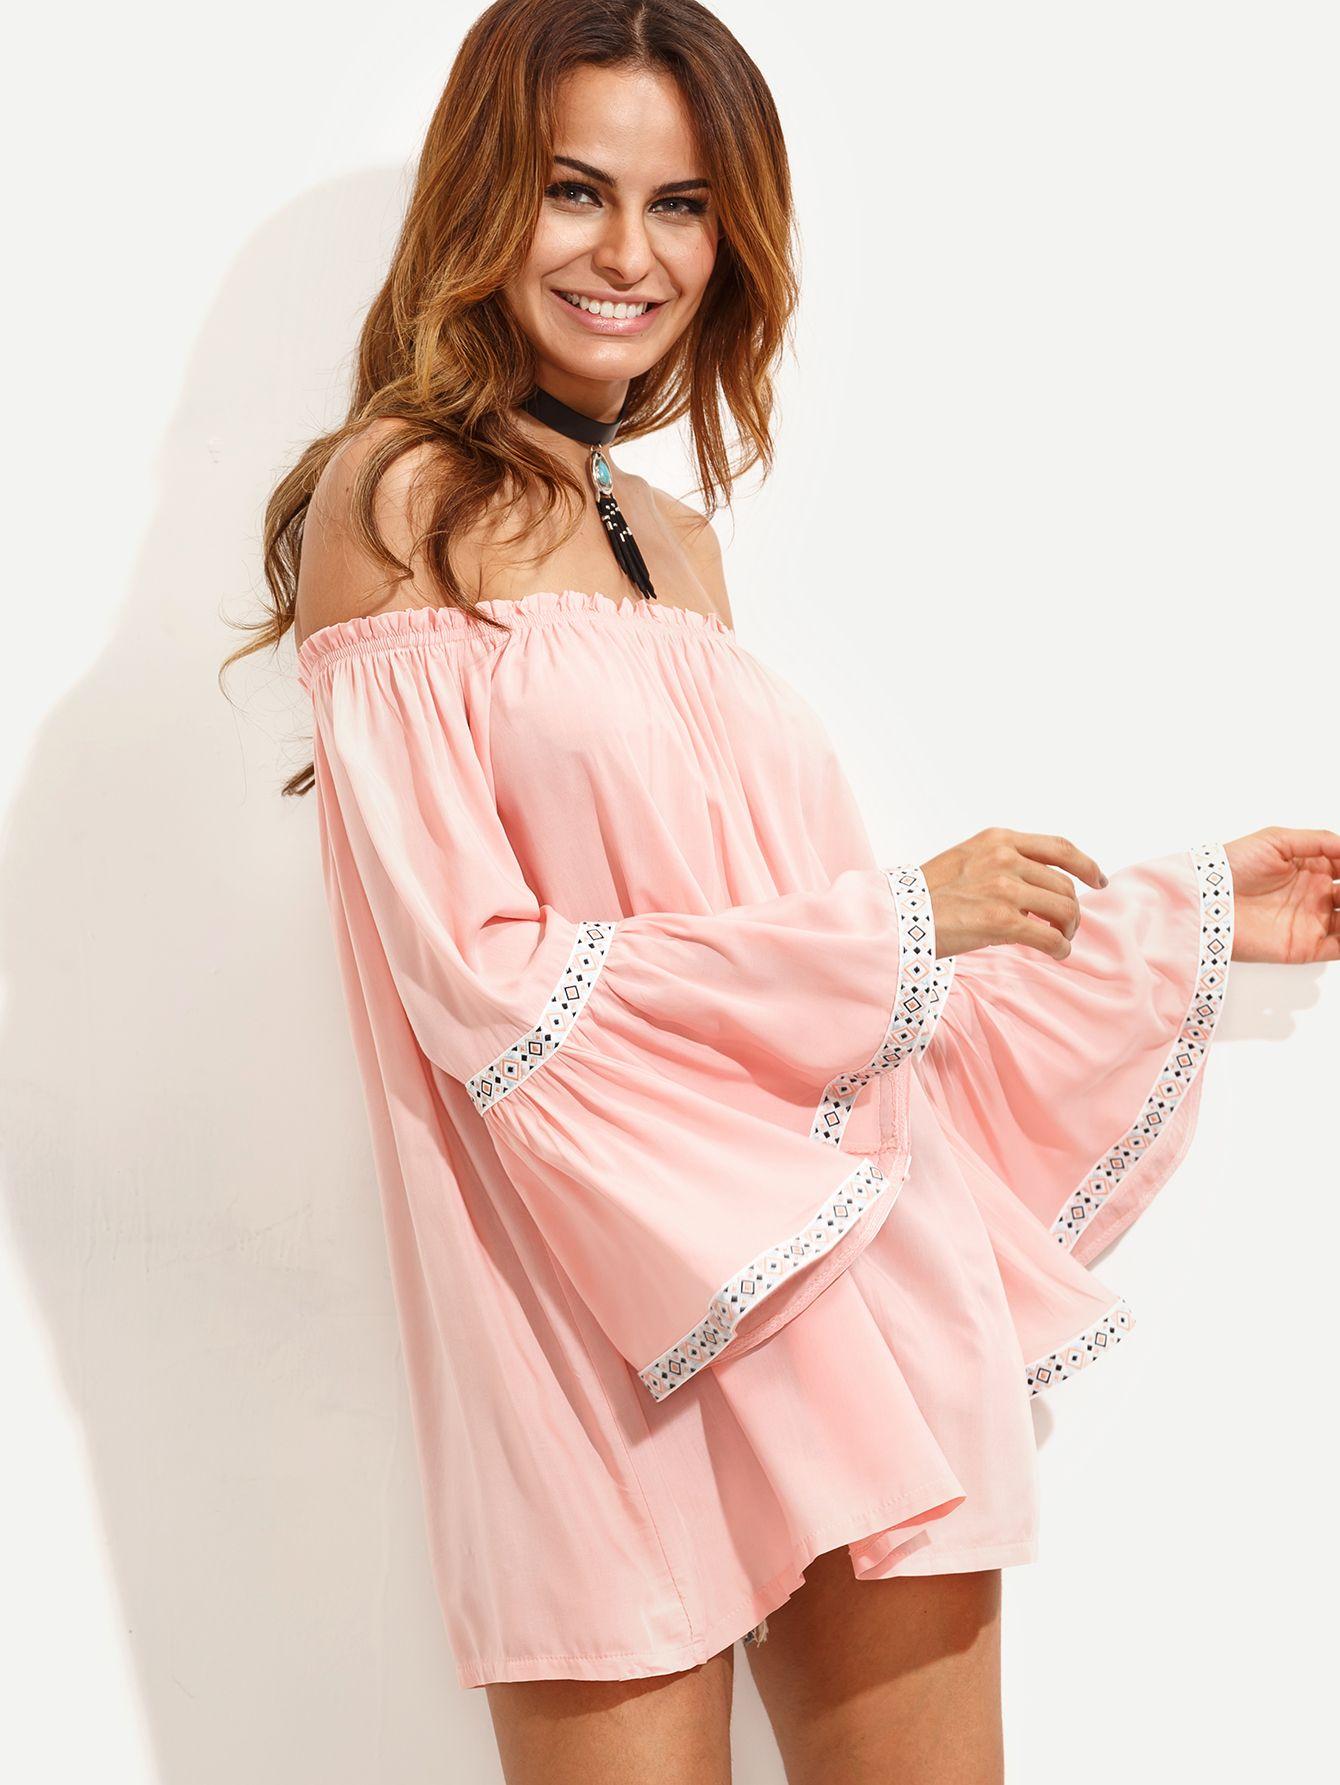 Pink Off The Shoulder Bell Sleeve Top   Bell sleeve top, Shoulder ...